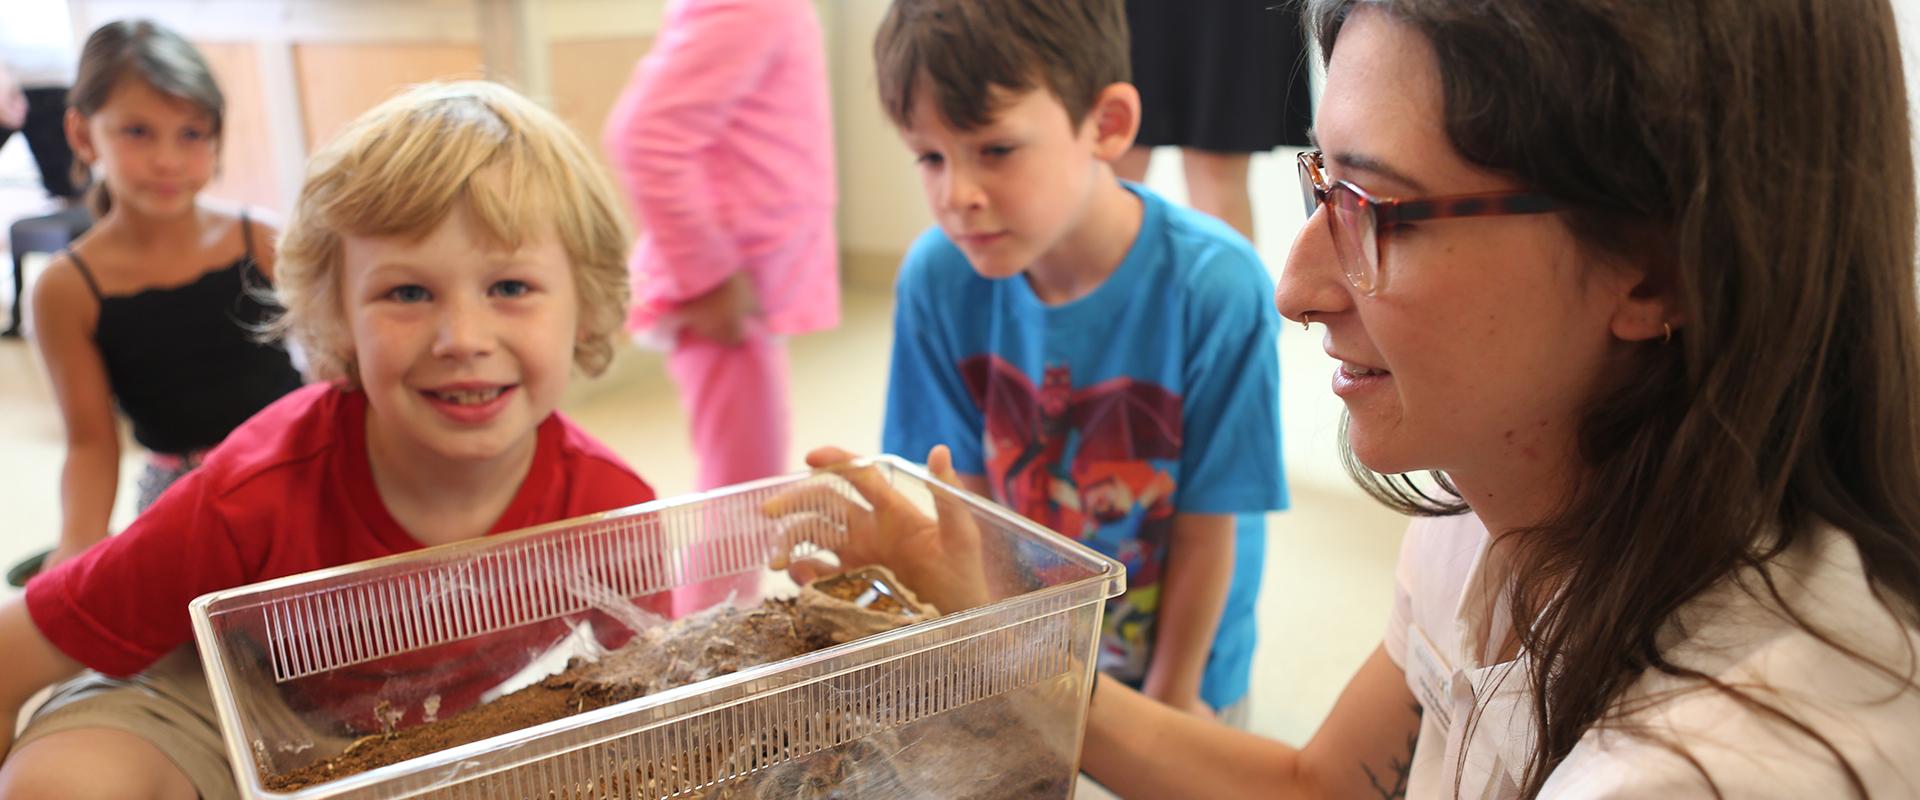 tarantula feedings - missoula insectarium